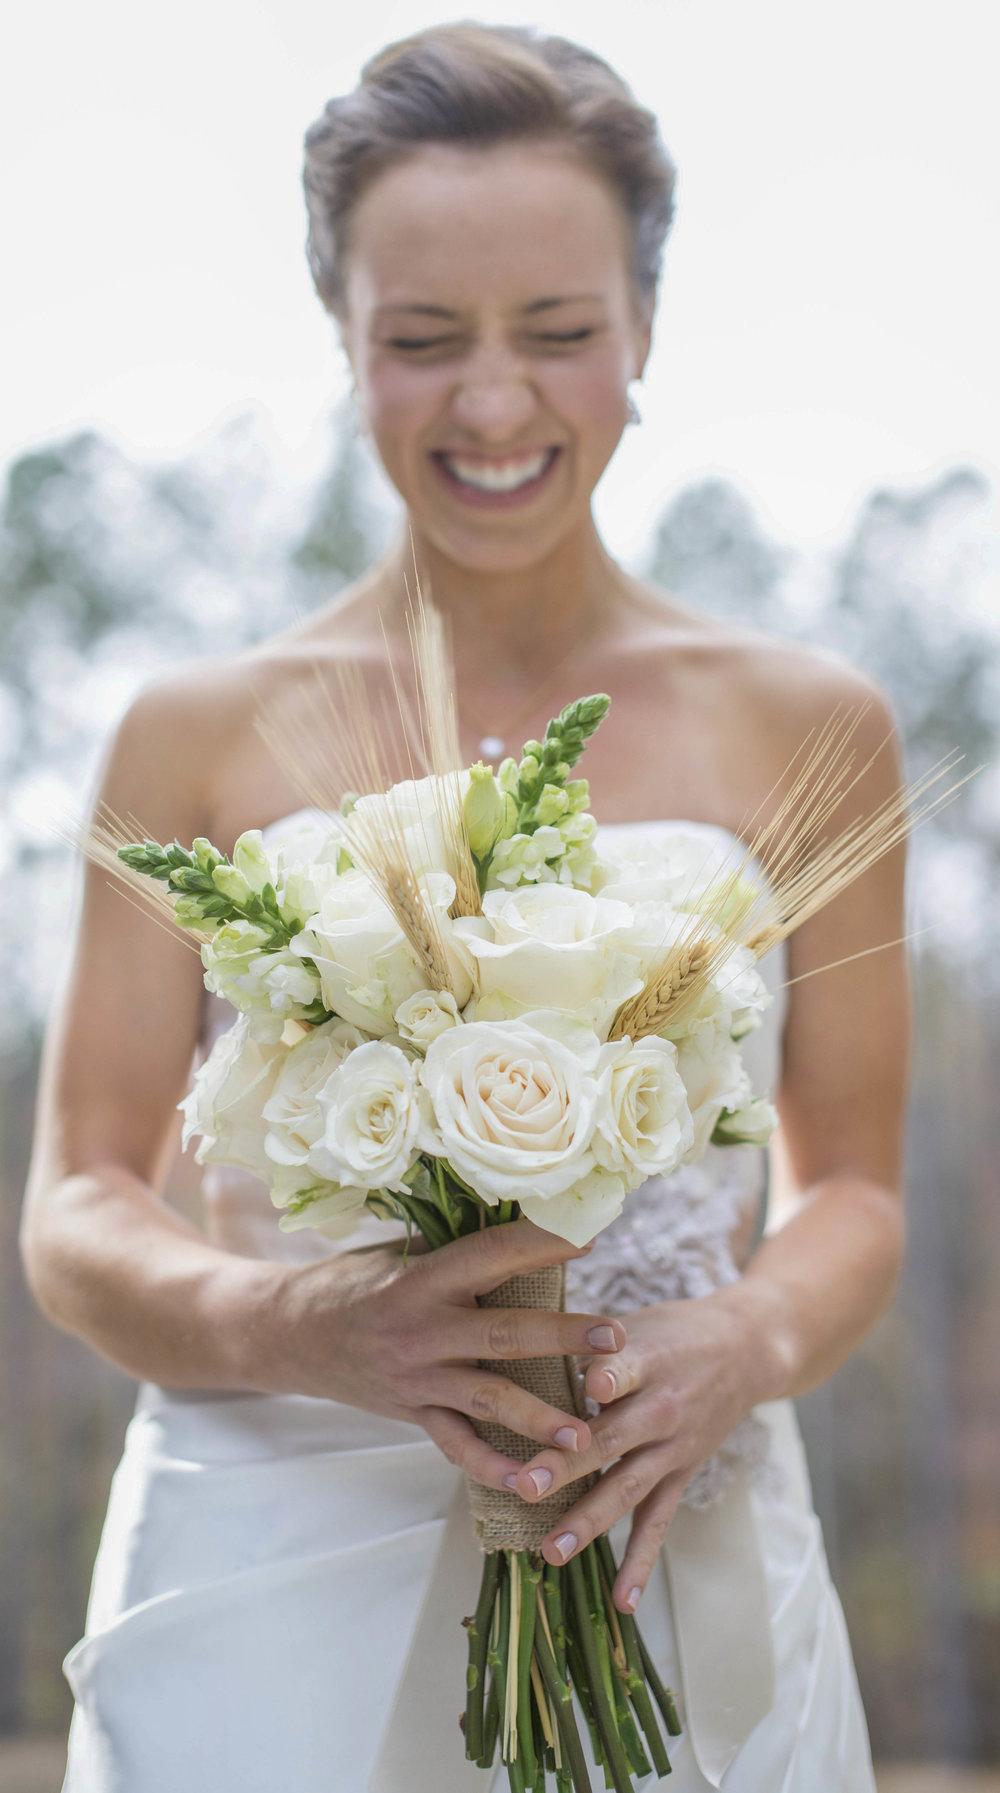 wedding-photos_12592210264_o.jpg